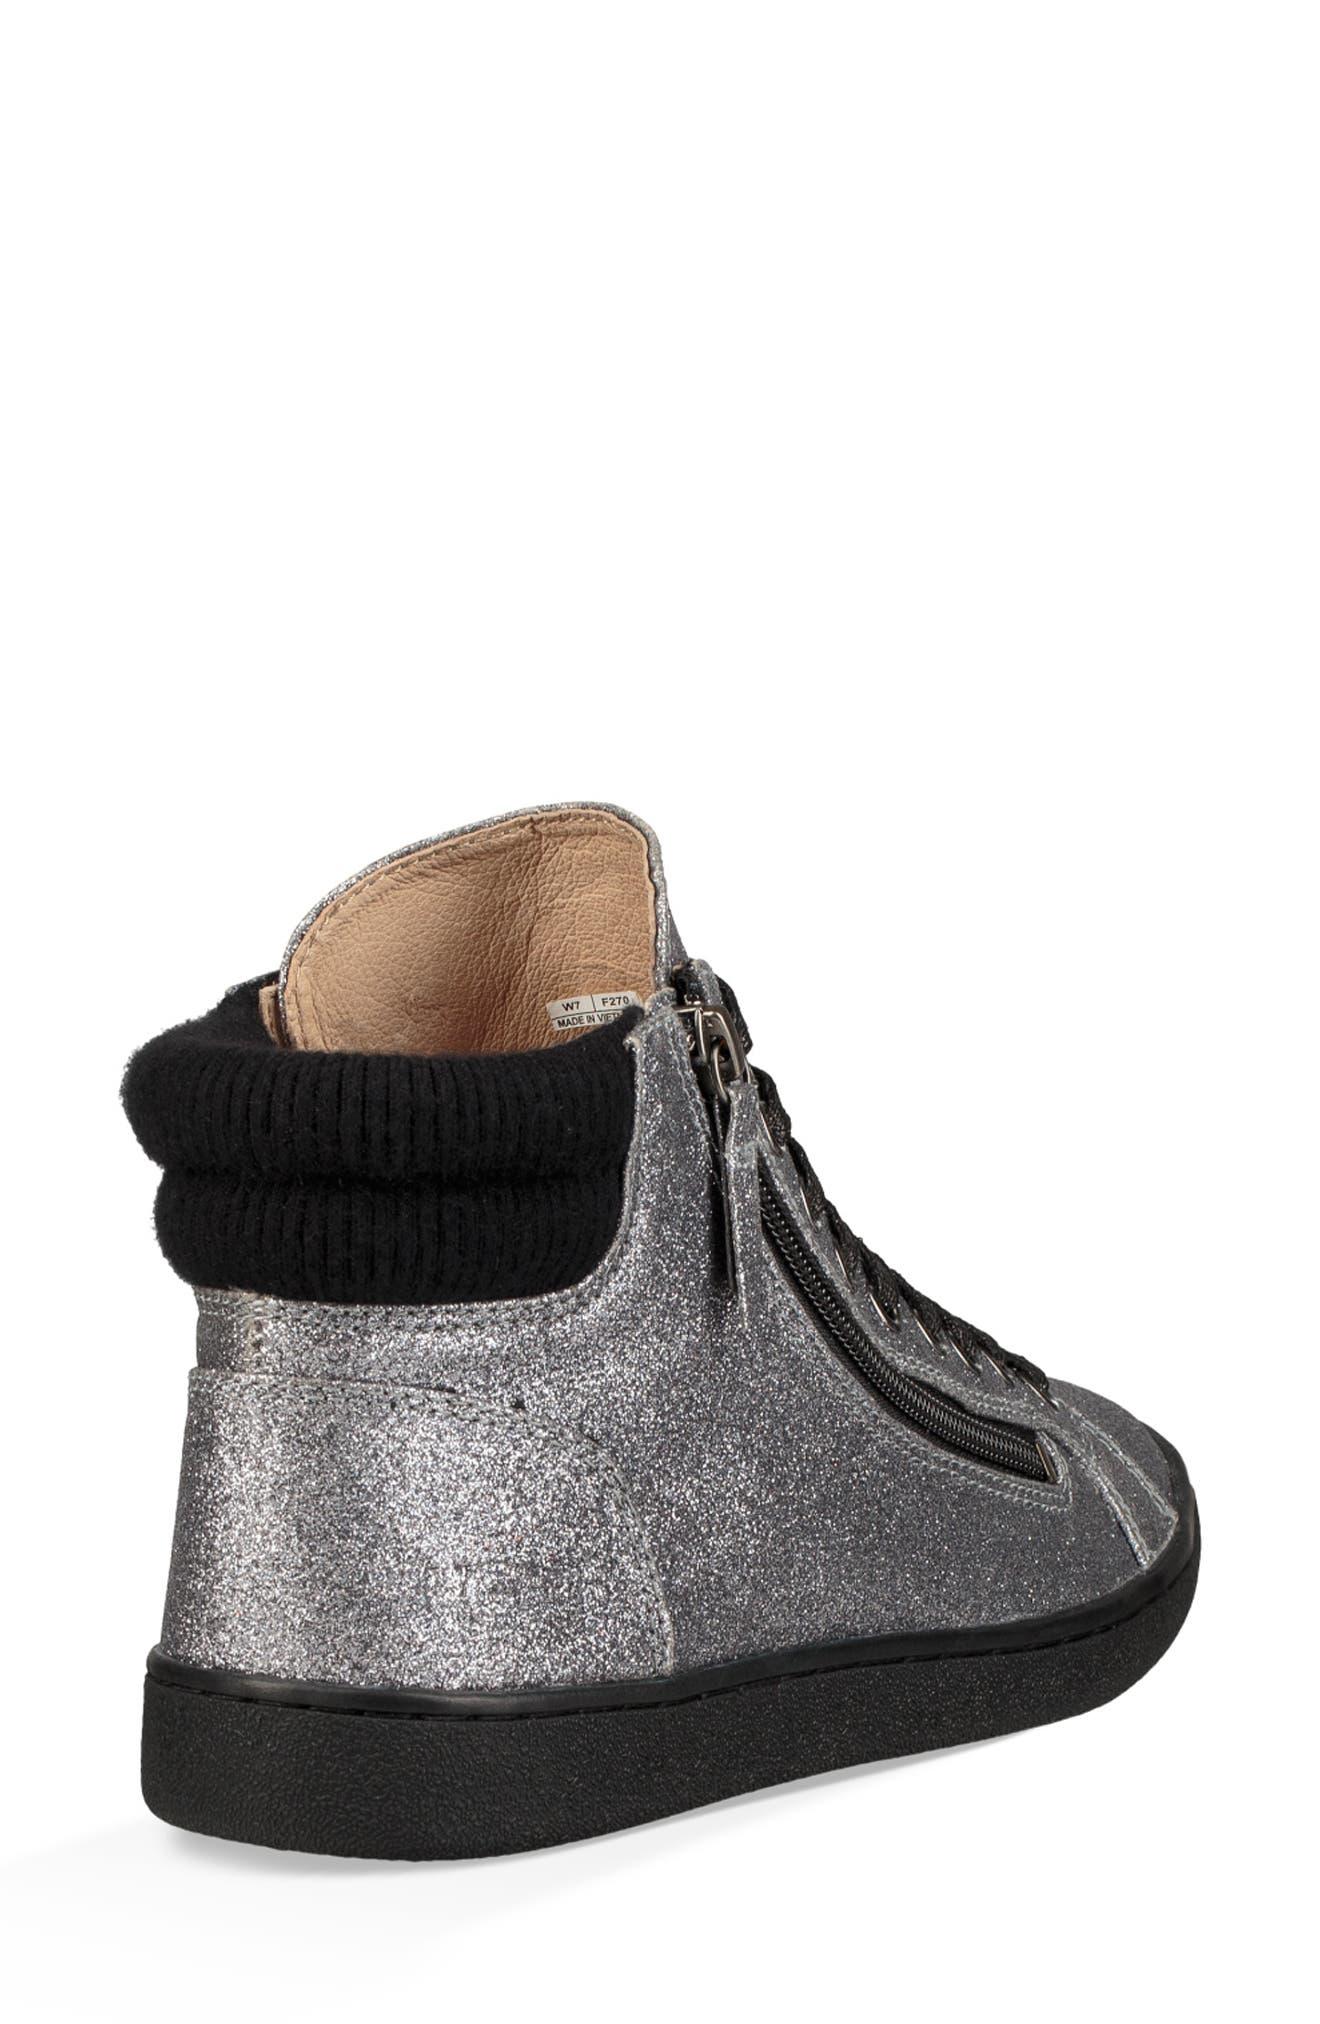 Olive Glitter Sneaker,                             Alternate thumbnail 2, color,                             GUNMETAL FABRIC